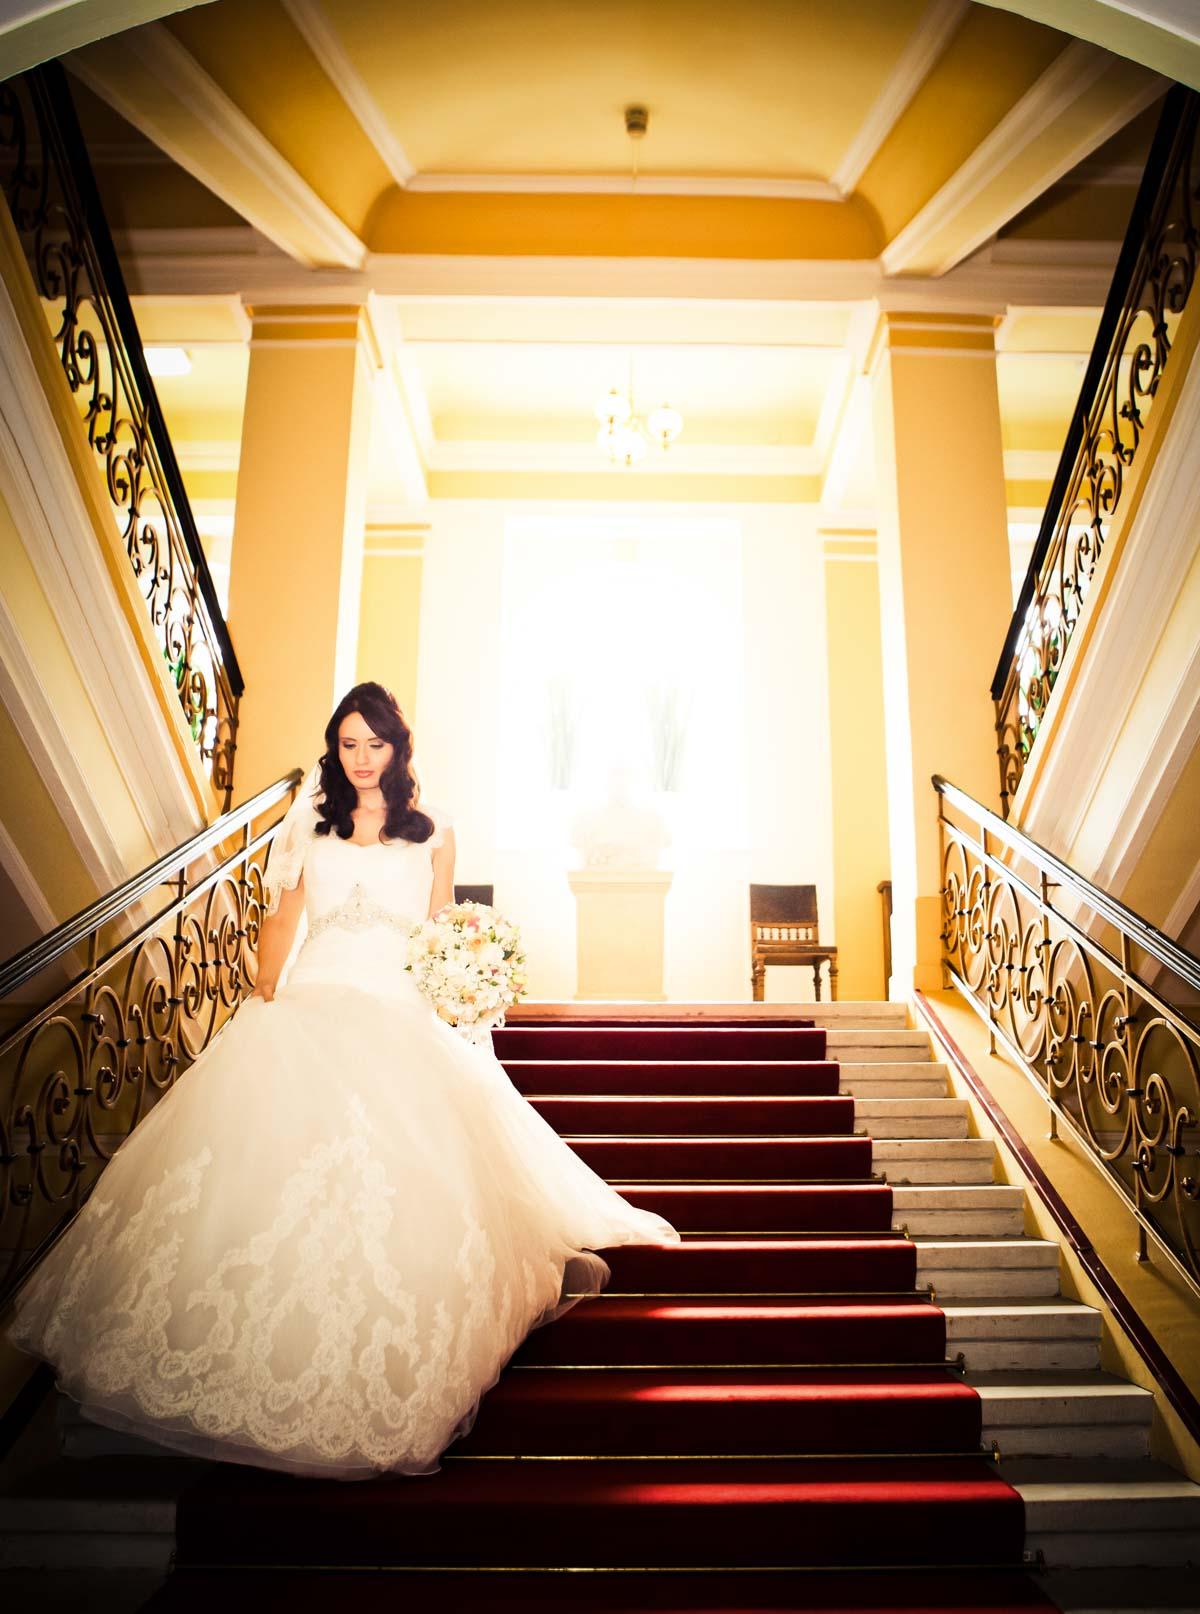 07-06-hochzeitsfotografie-wien-österreich-see-wörterhesee-wolfgangsee-wedding-photography-austria-natural-20140607-062-20120117-JJ03